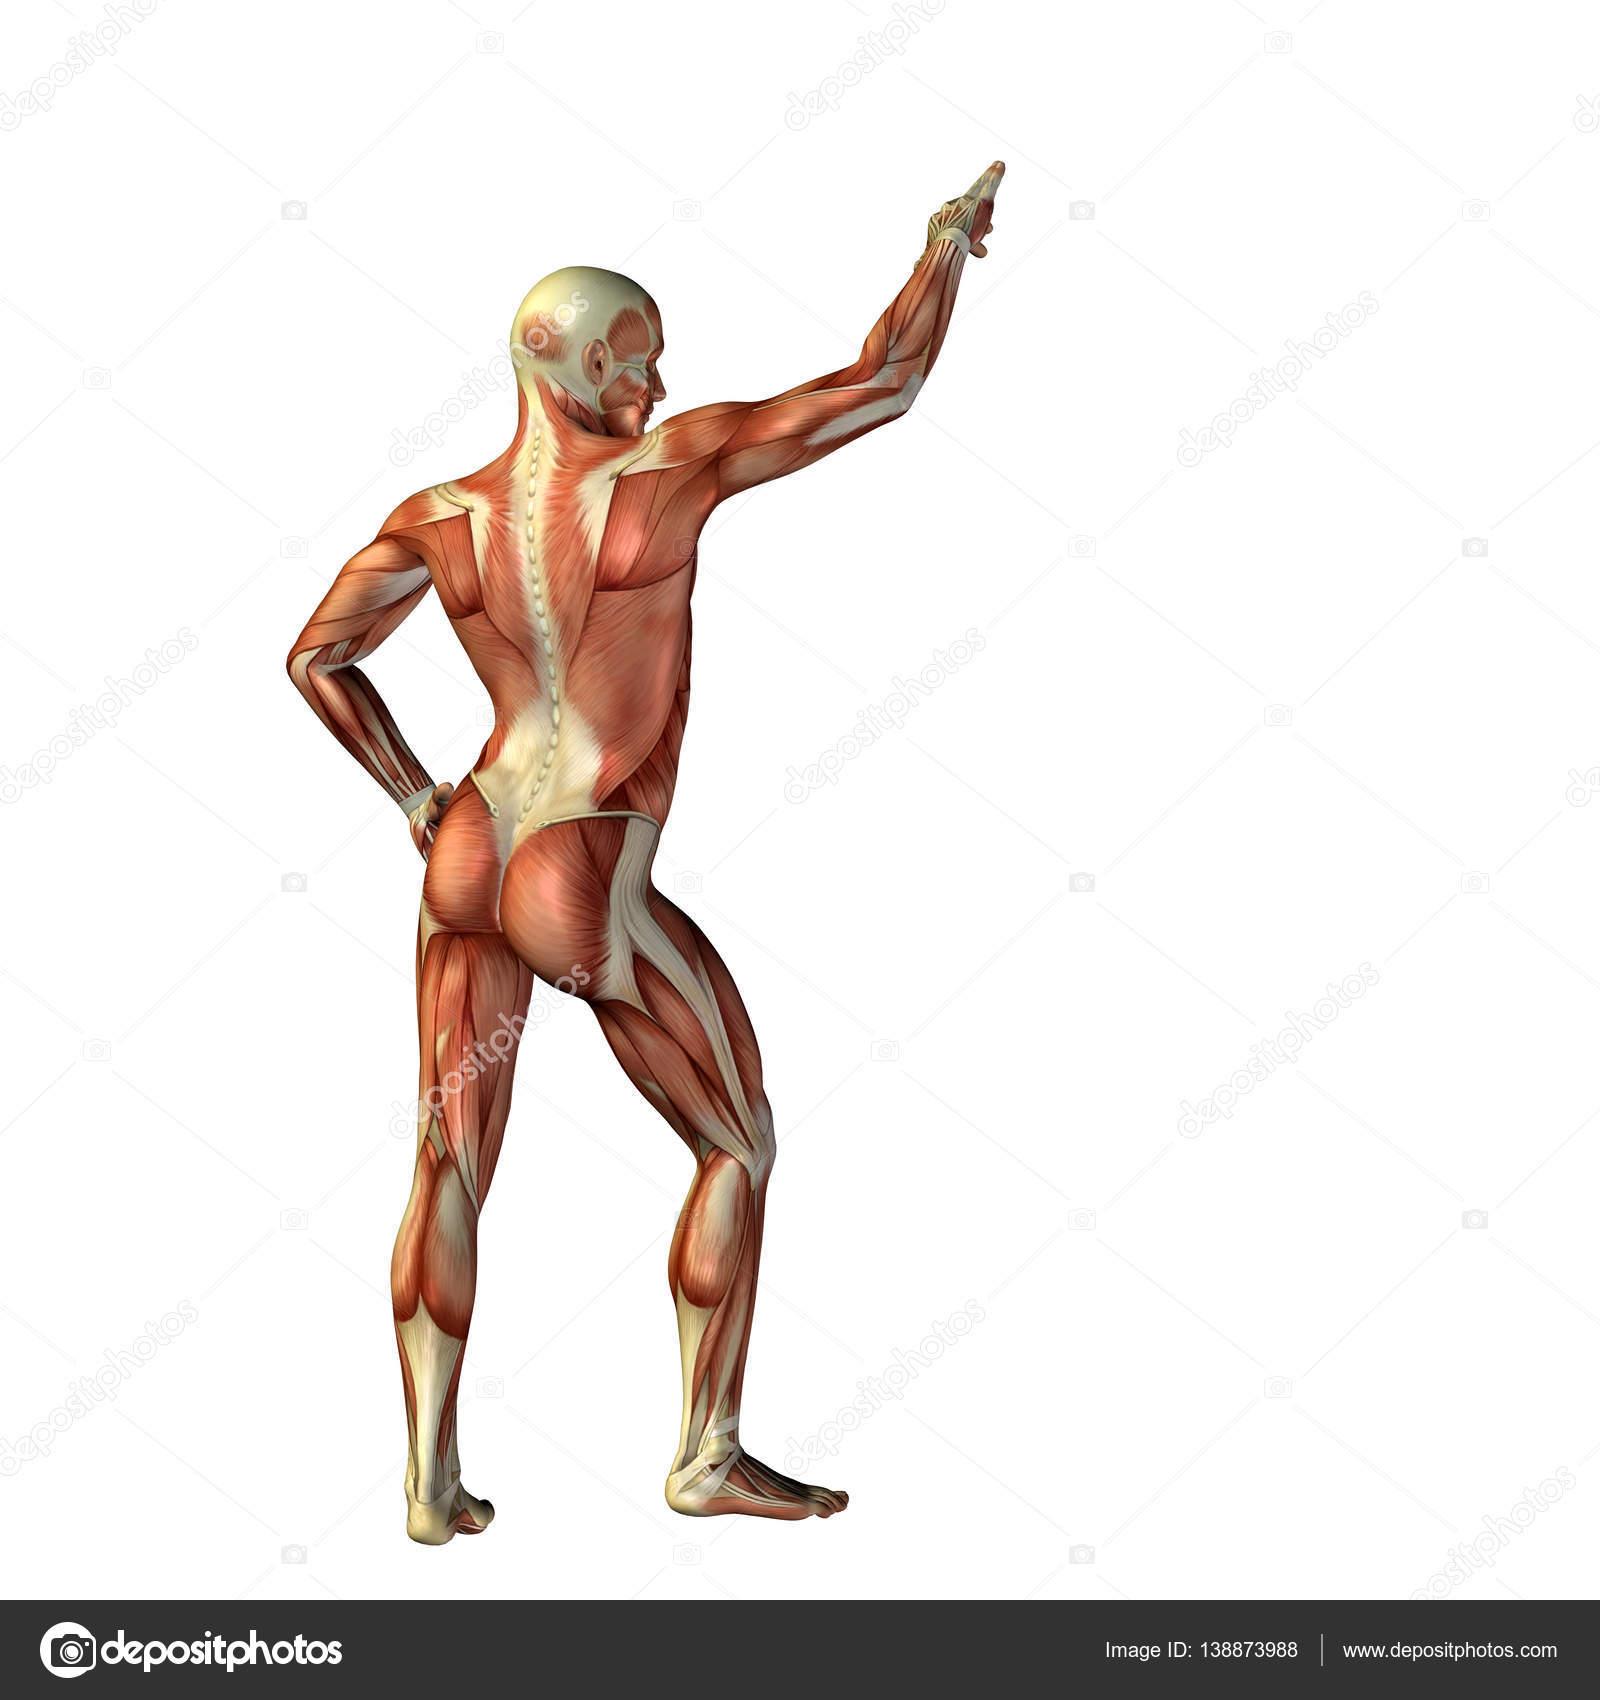 人体解剖学のイラスト — ストック写真 © design36 #138873988